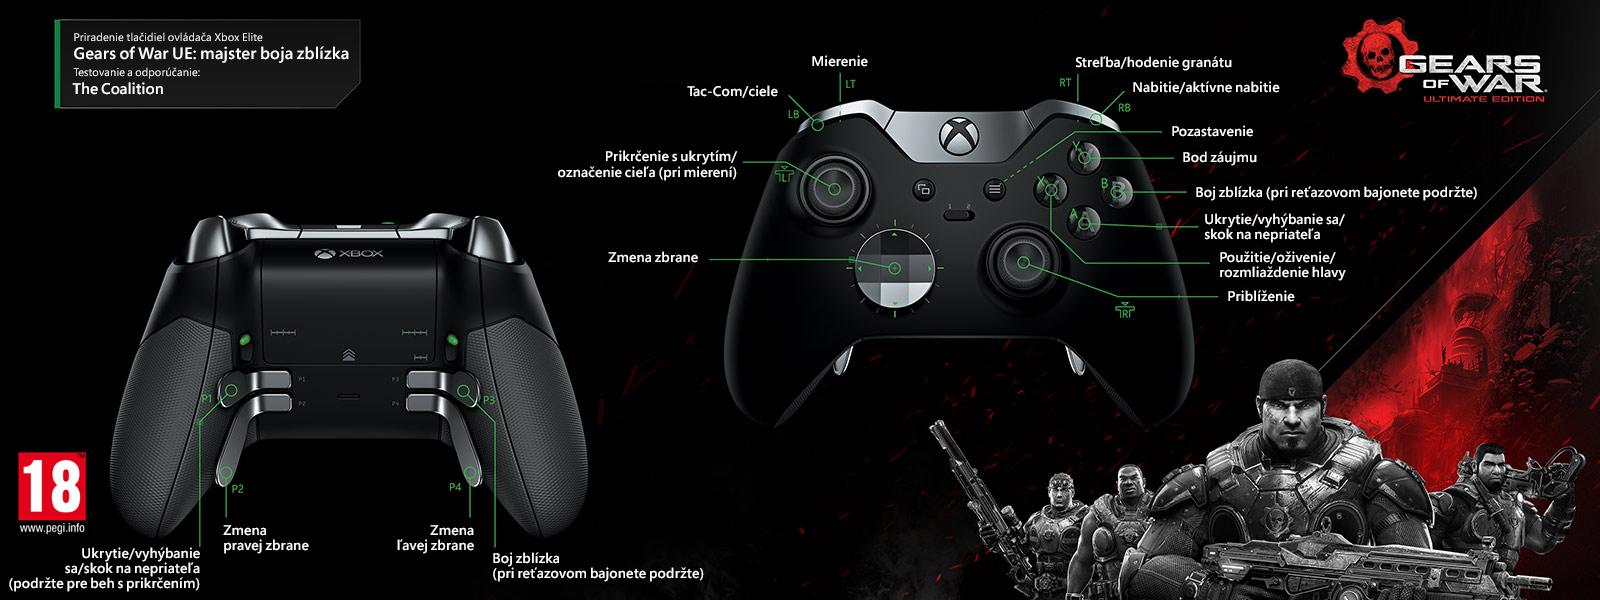 Mapovanie ovládača Elite k režimu pre viacerých hráčov v hre Gears of Wars Ultimate Edition na zlepšenie boja zblízka